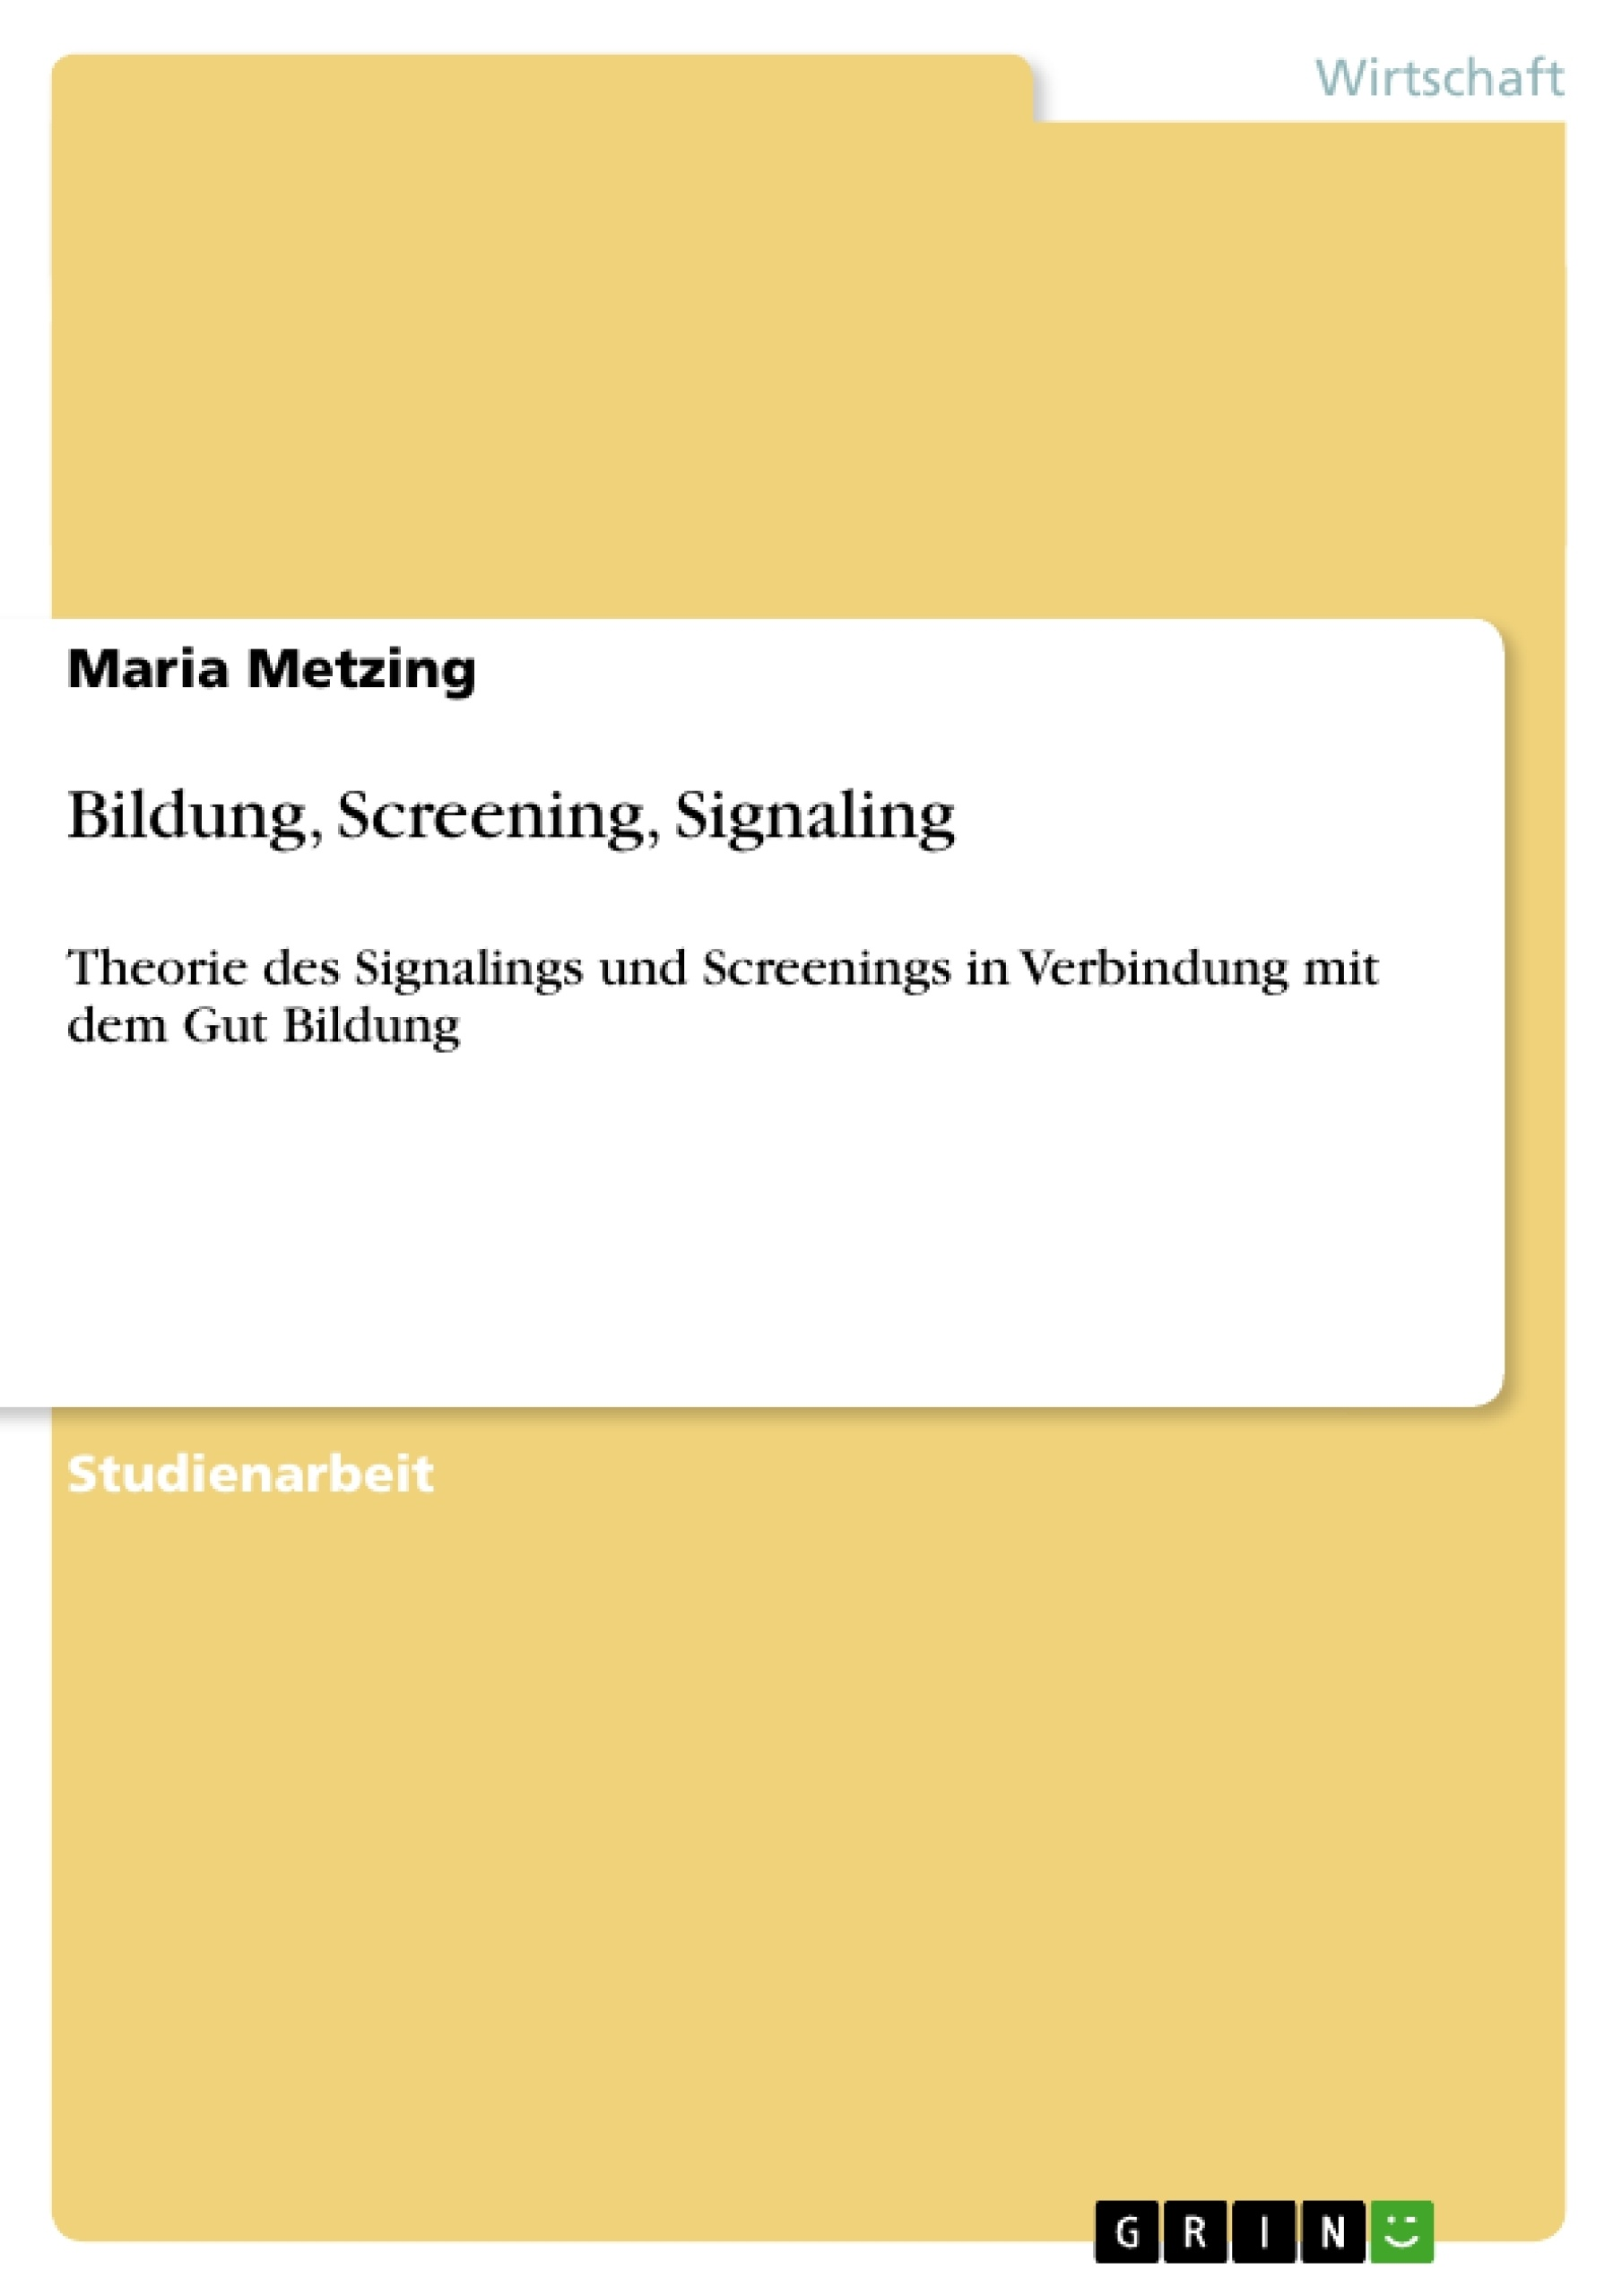 Titel: Bildung, Screening, Signaling